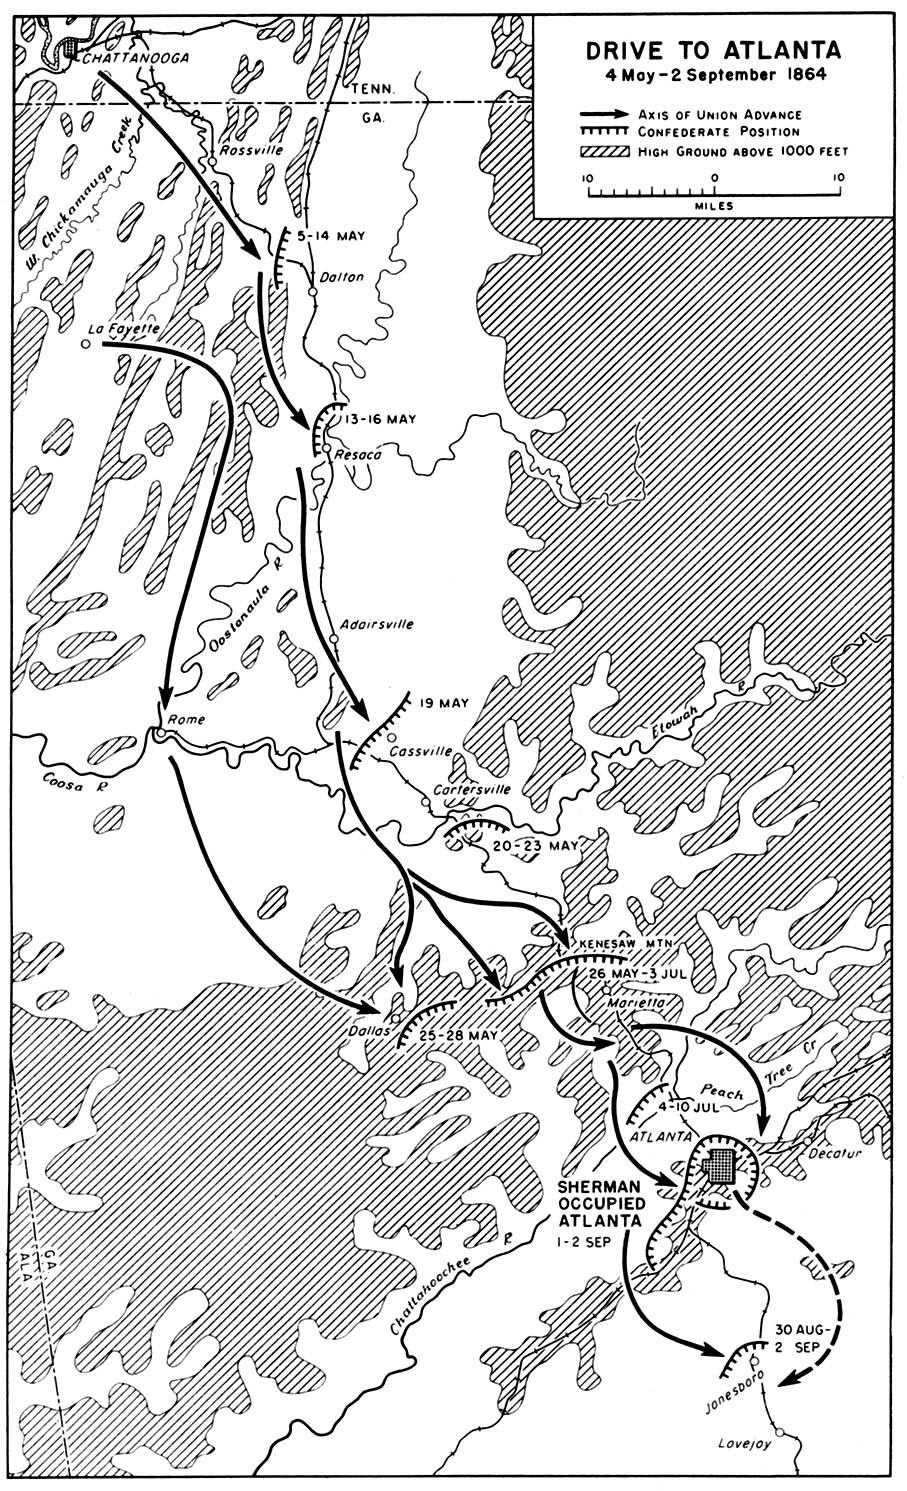 Mapa de la Campaña Hacia Atlanta, Guerra Civil Estadounidense,  4 Mayo-2 Septiembre 1864